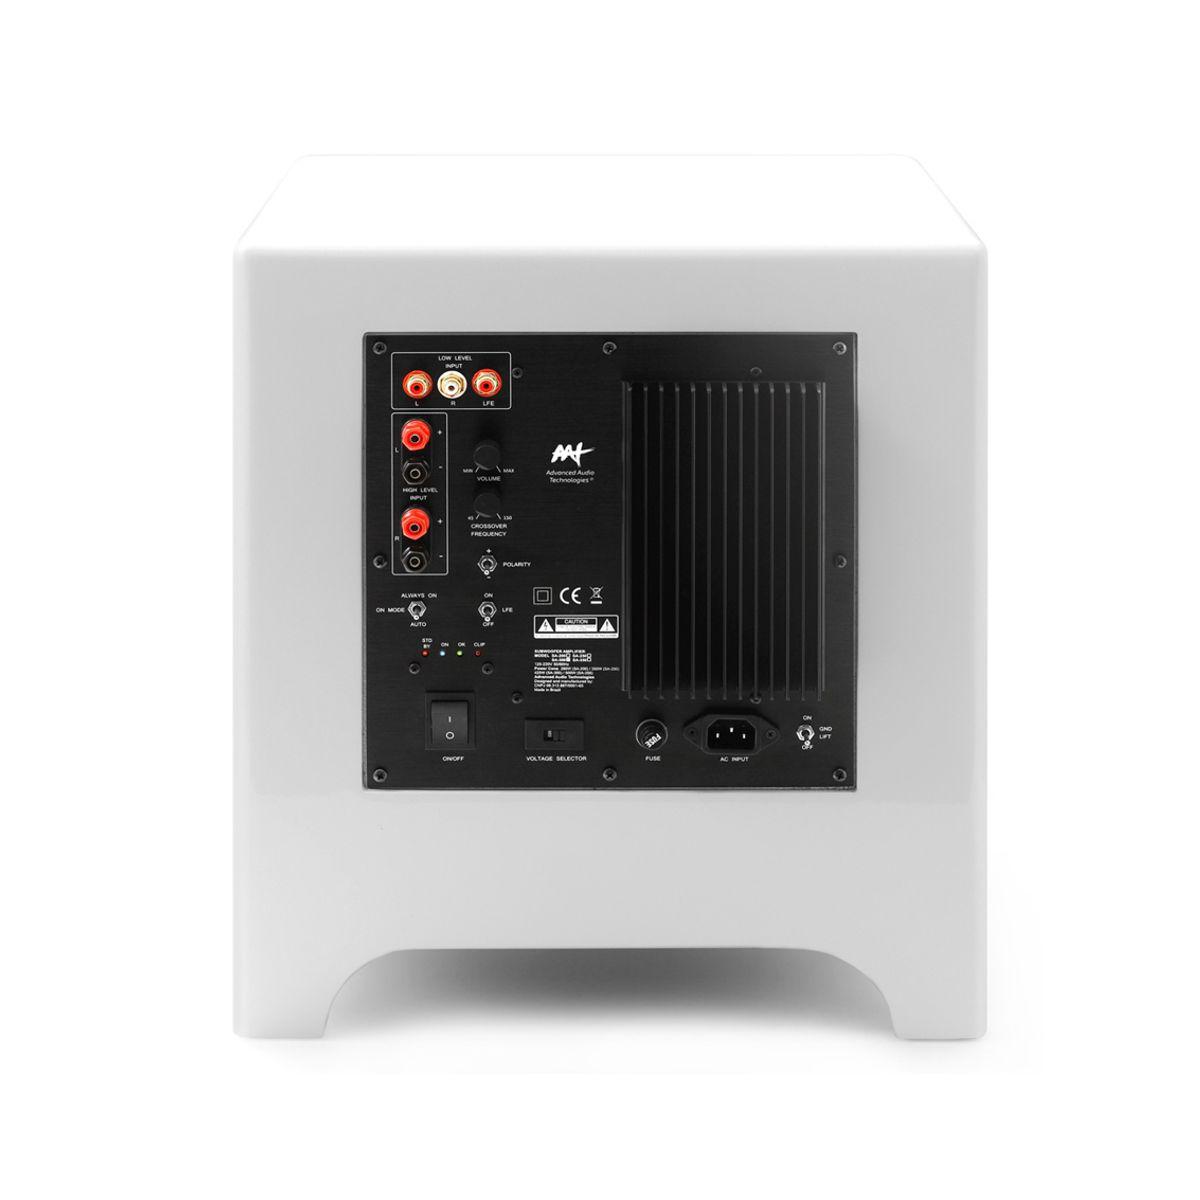 Kit 5.1.2 Dolby Almos Caixa Acústica Bookshelf + Caixa de Embutir no Gesso + Subwoofer Cube Modern 8 AAT